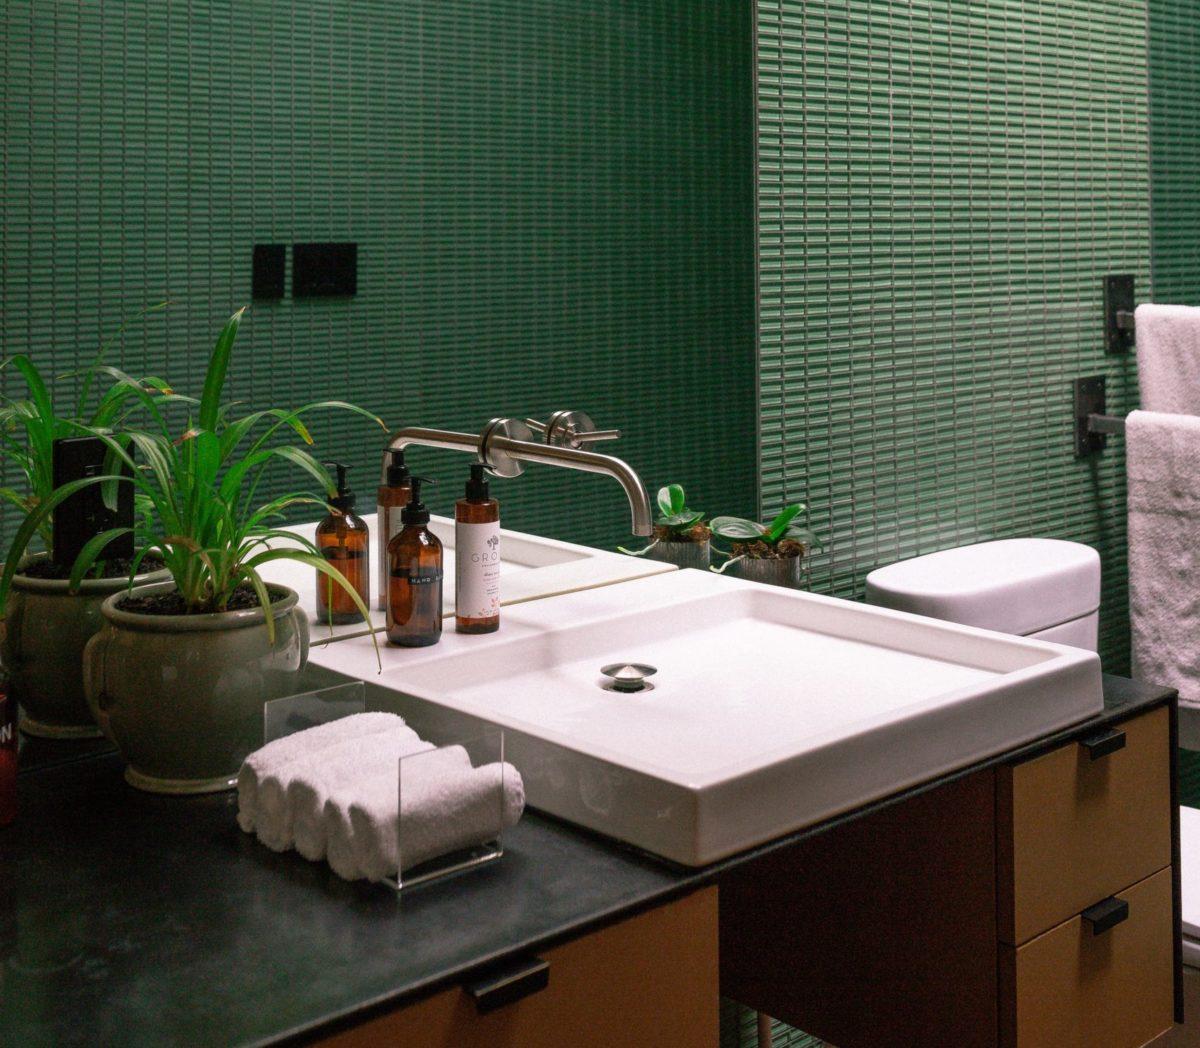 renovar banheiro: pastilhas coloridas para banheiro